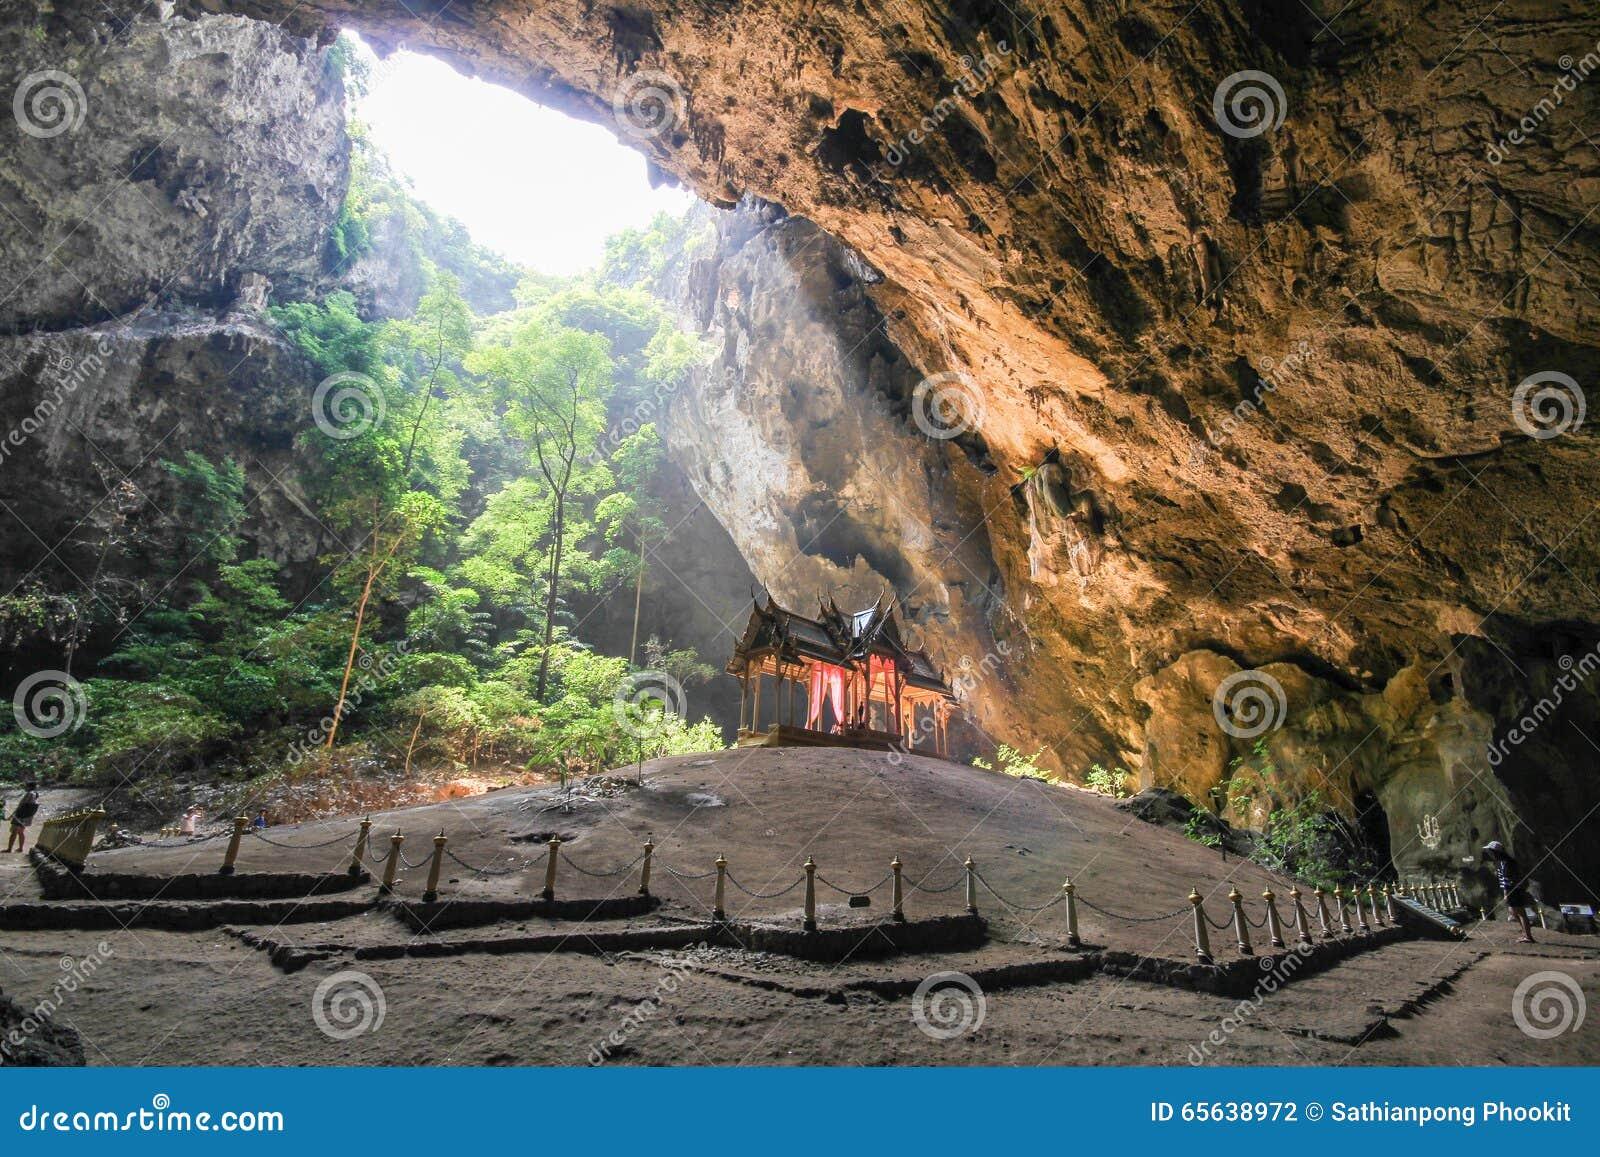 Caverne de Phraya Nakhon, Khao, Sam Roi Yod National Park, Thaïlande